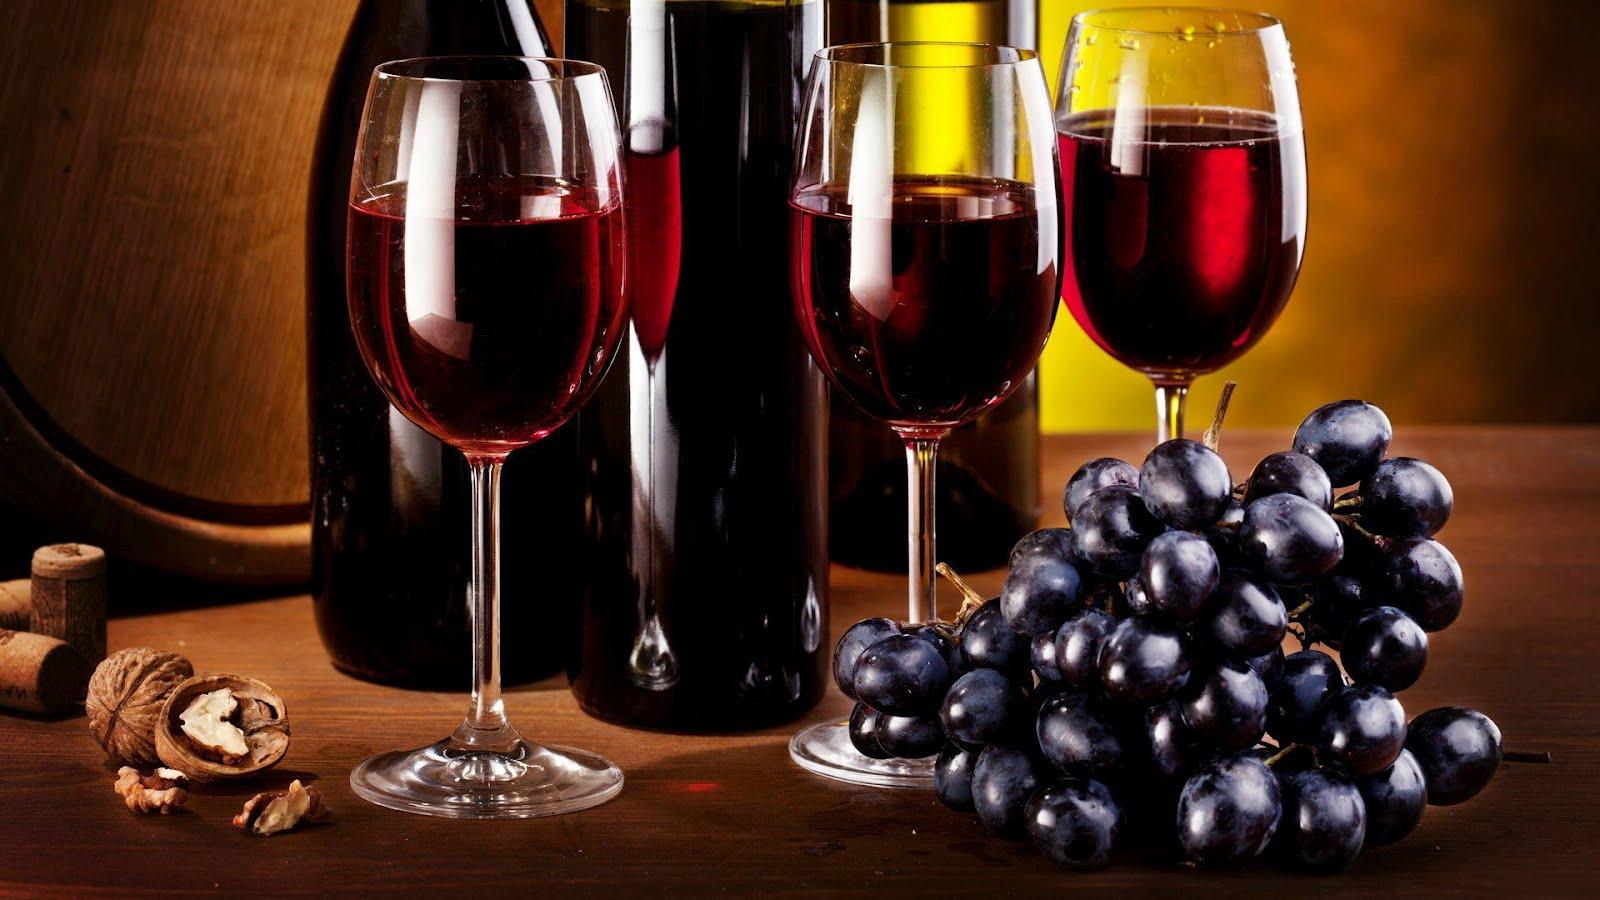 La alergia al vino: Sus síntomas y causas